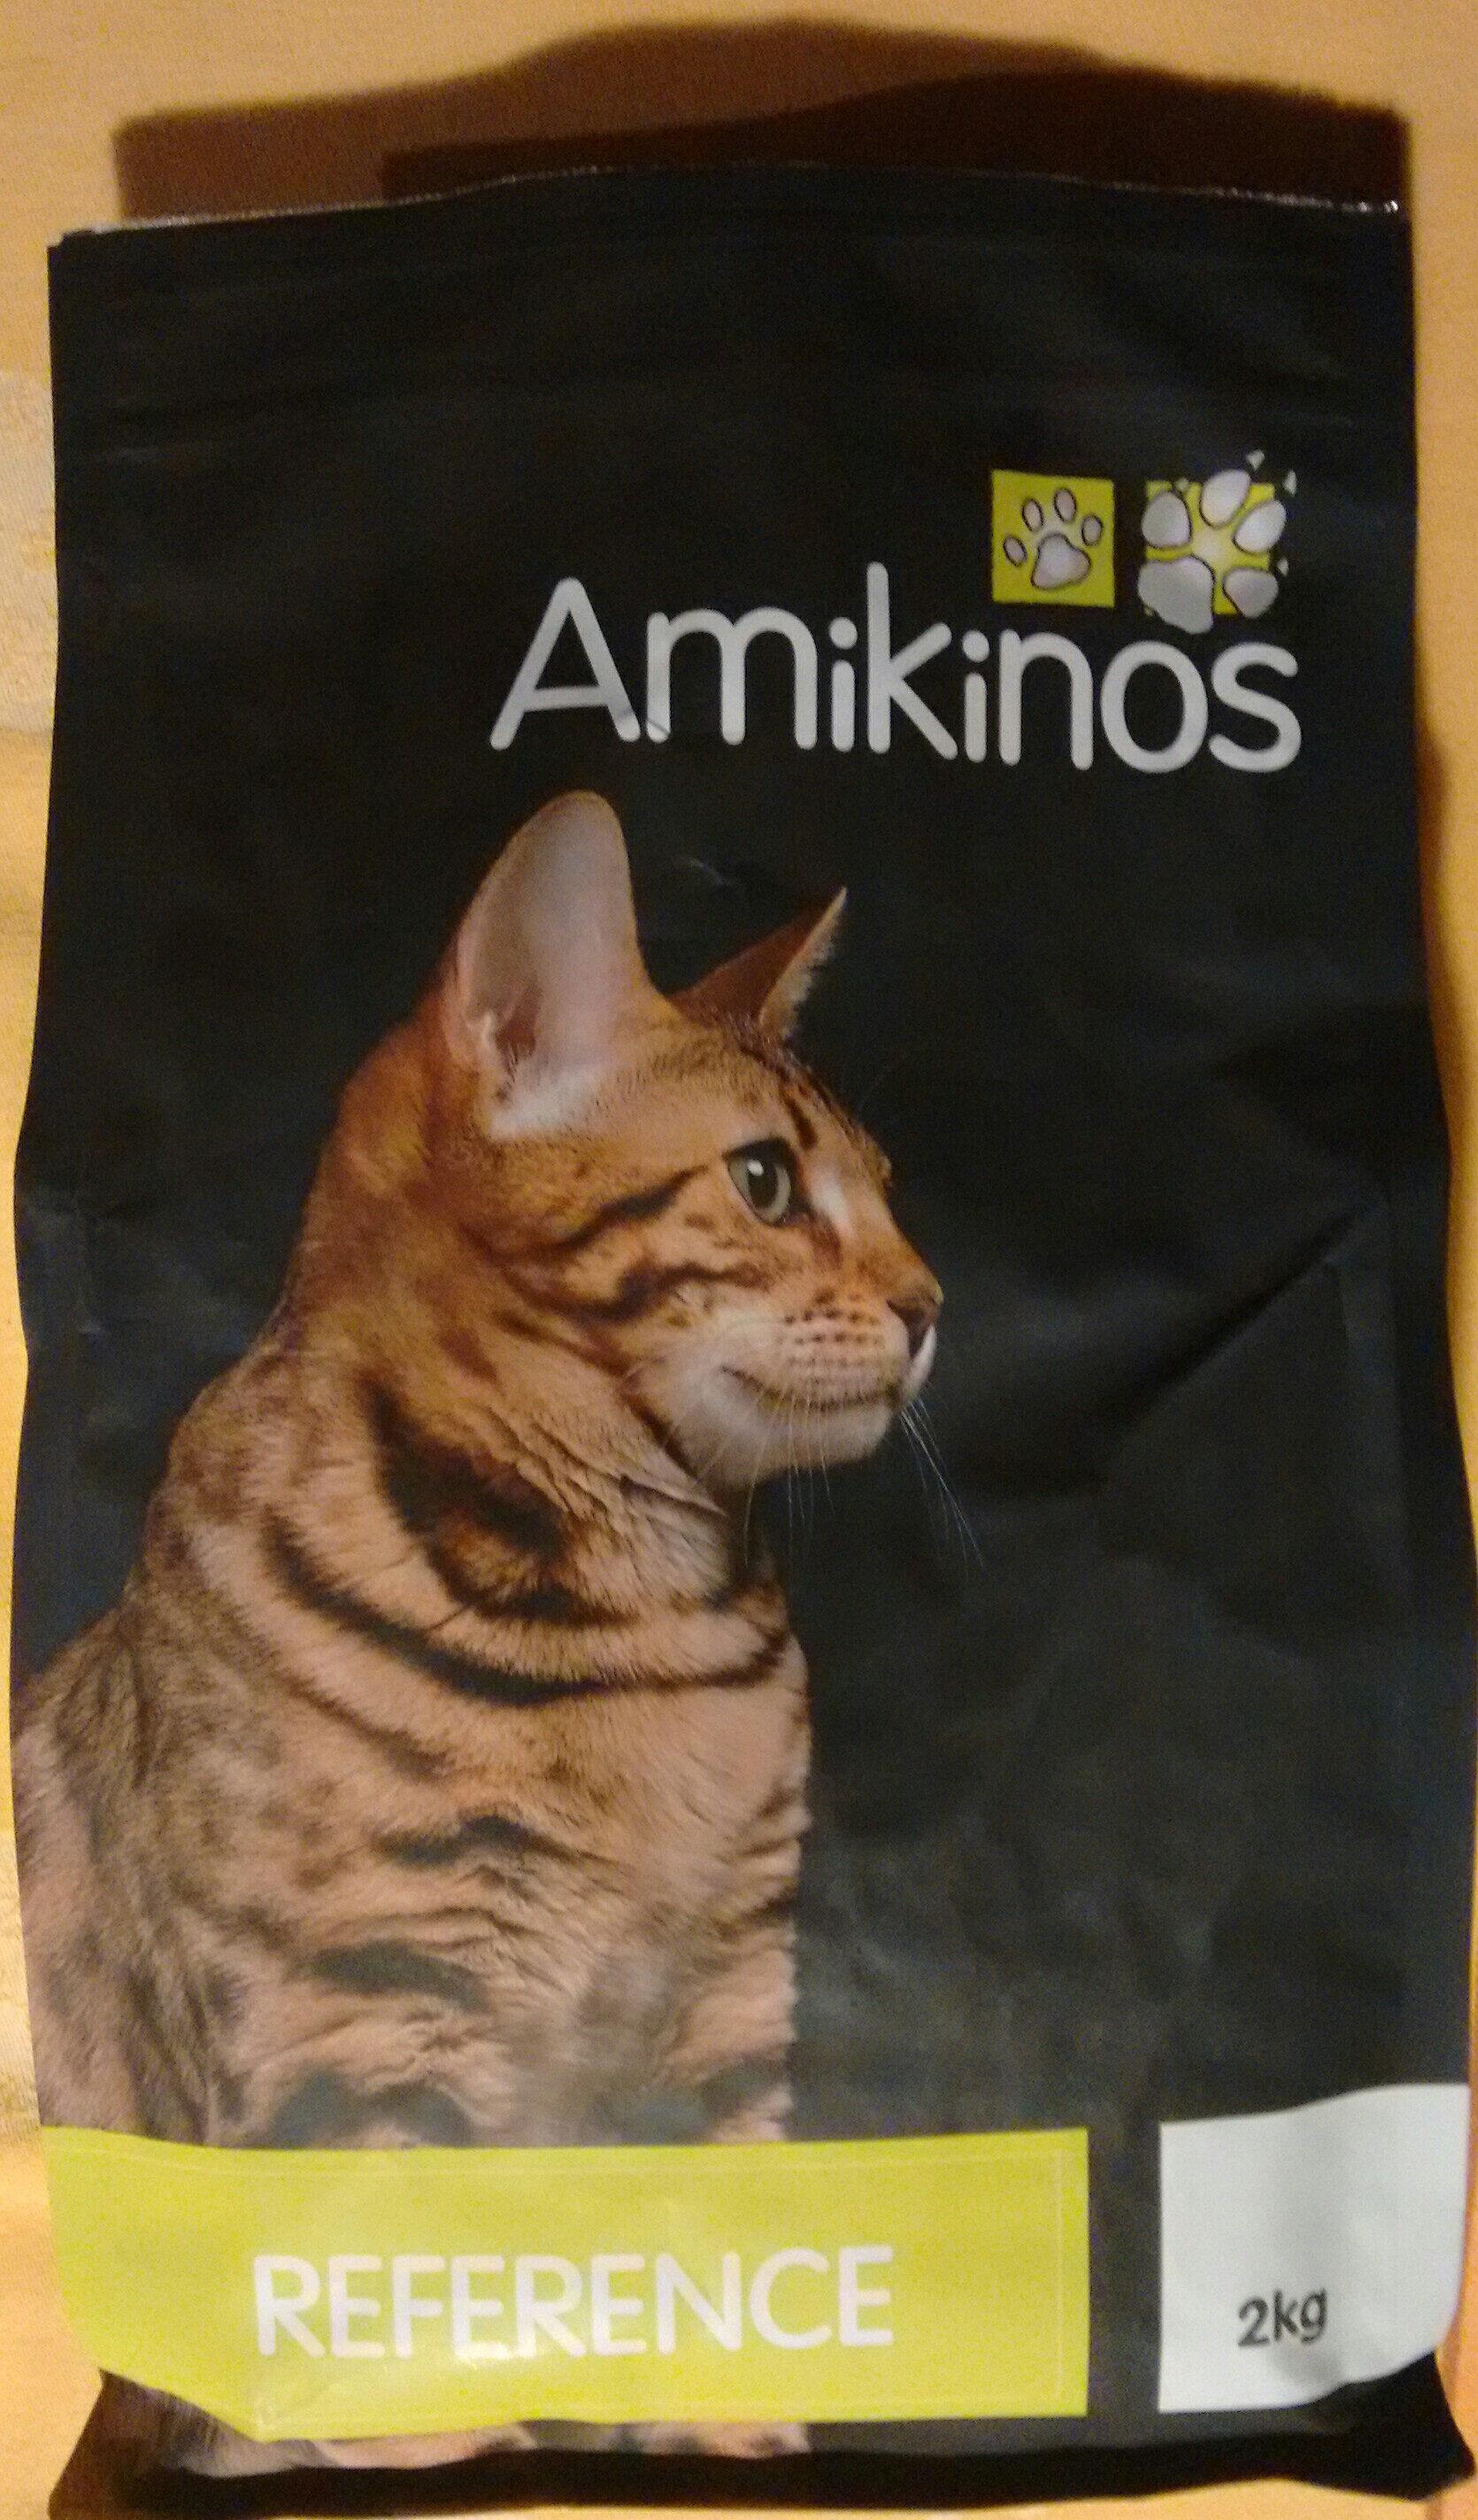 Amikinos Référence v2.1 - Product